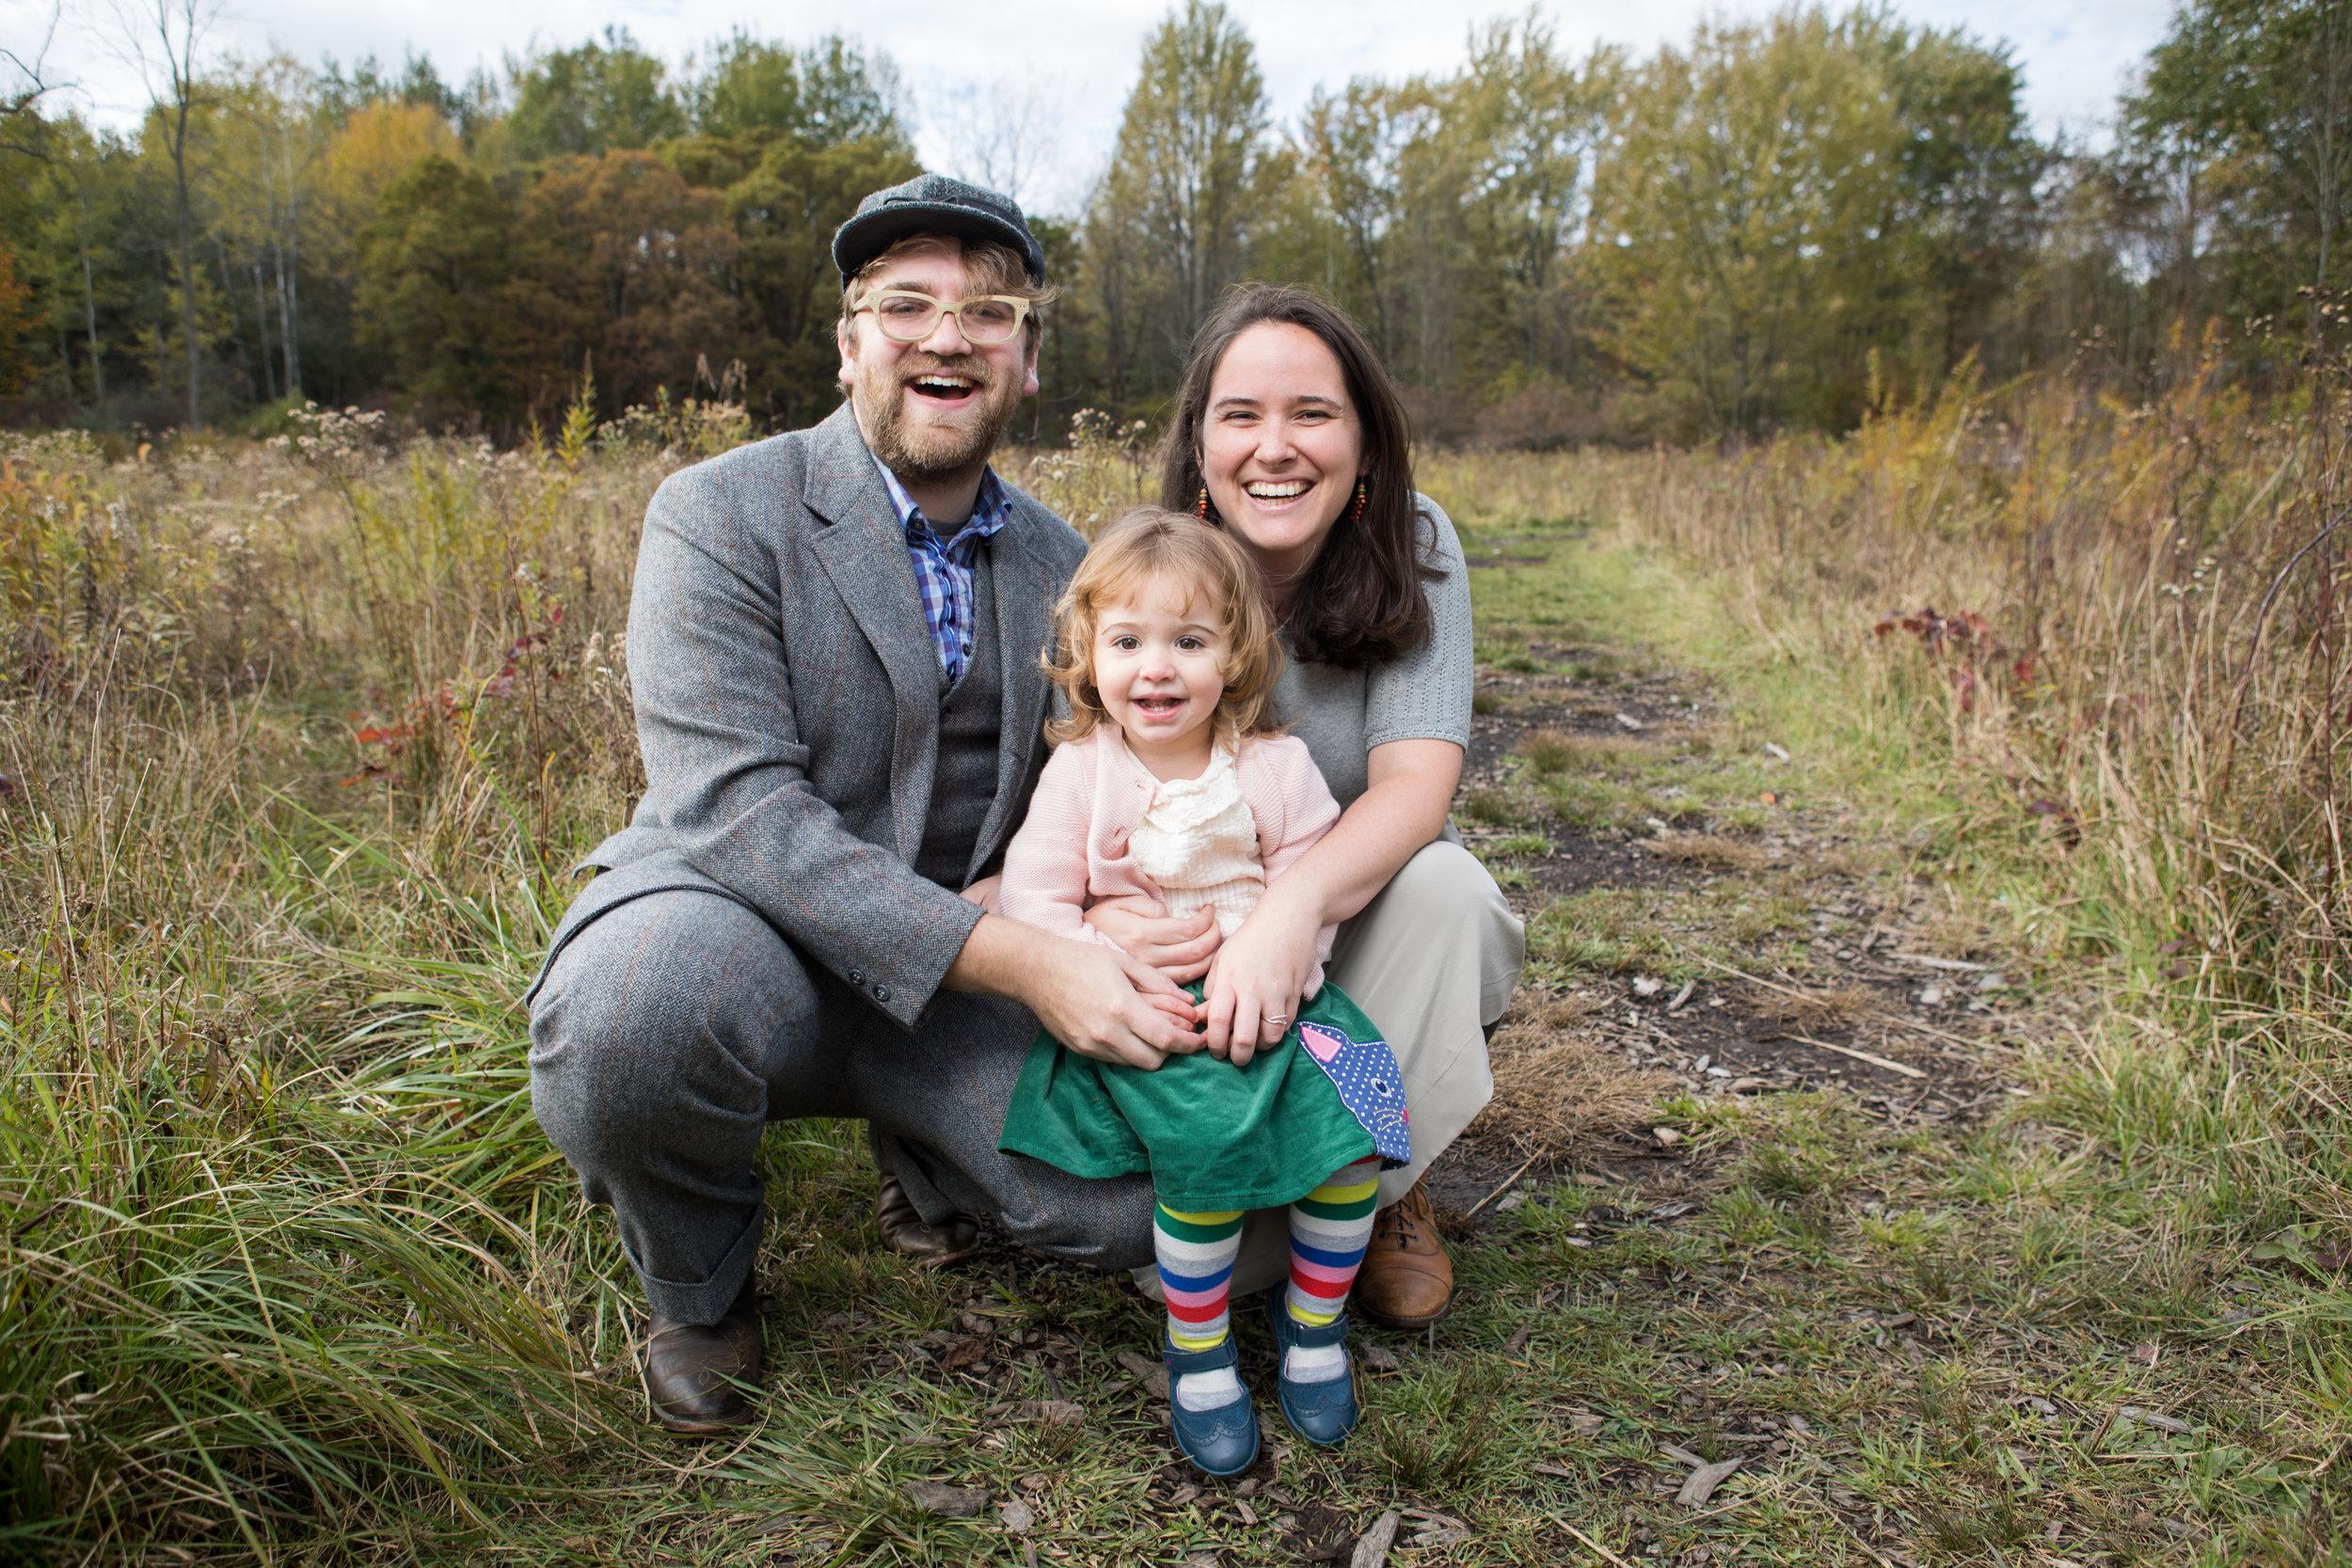 katesfamily-0025.jpg